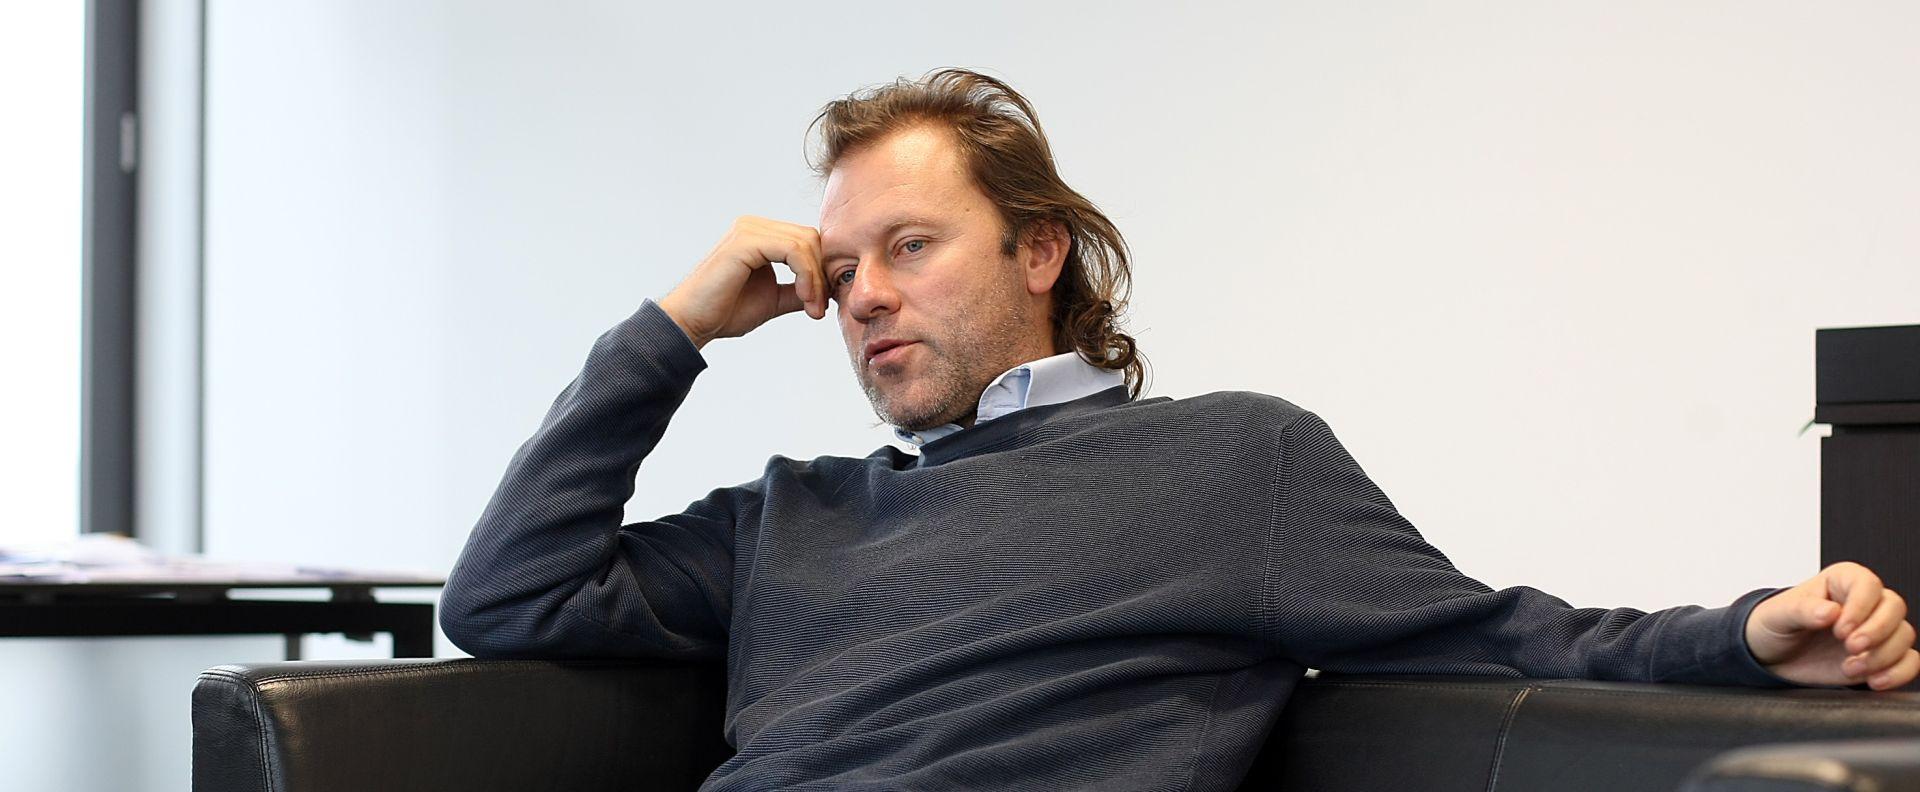 57 MILIJUNA Predložen stečaj tvrtke Brune Orešara